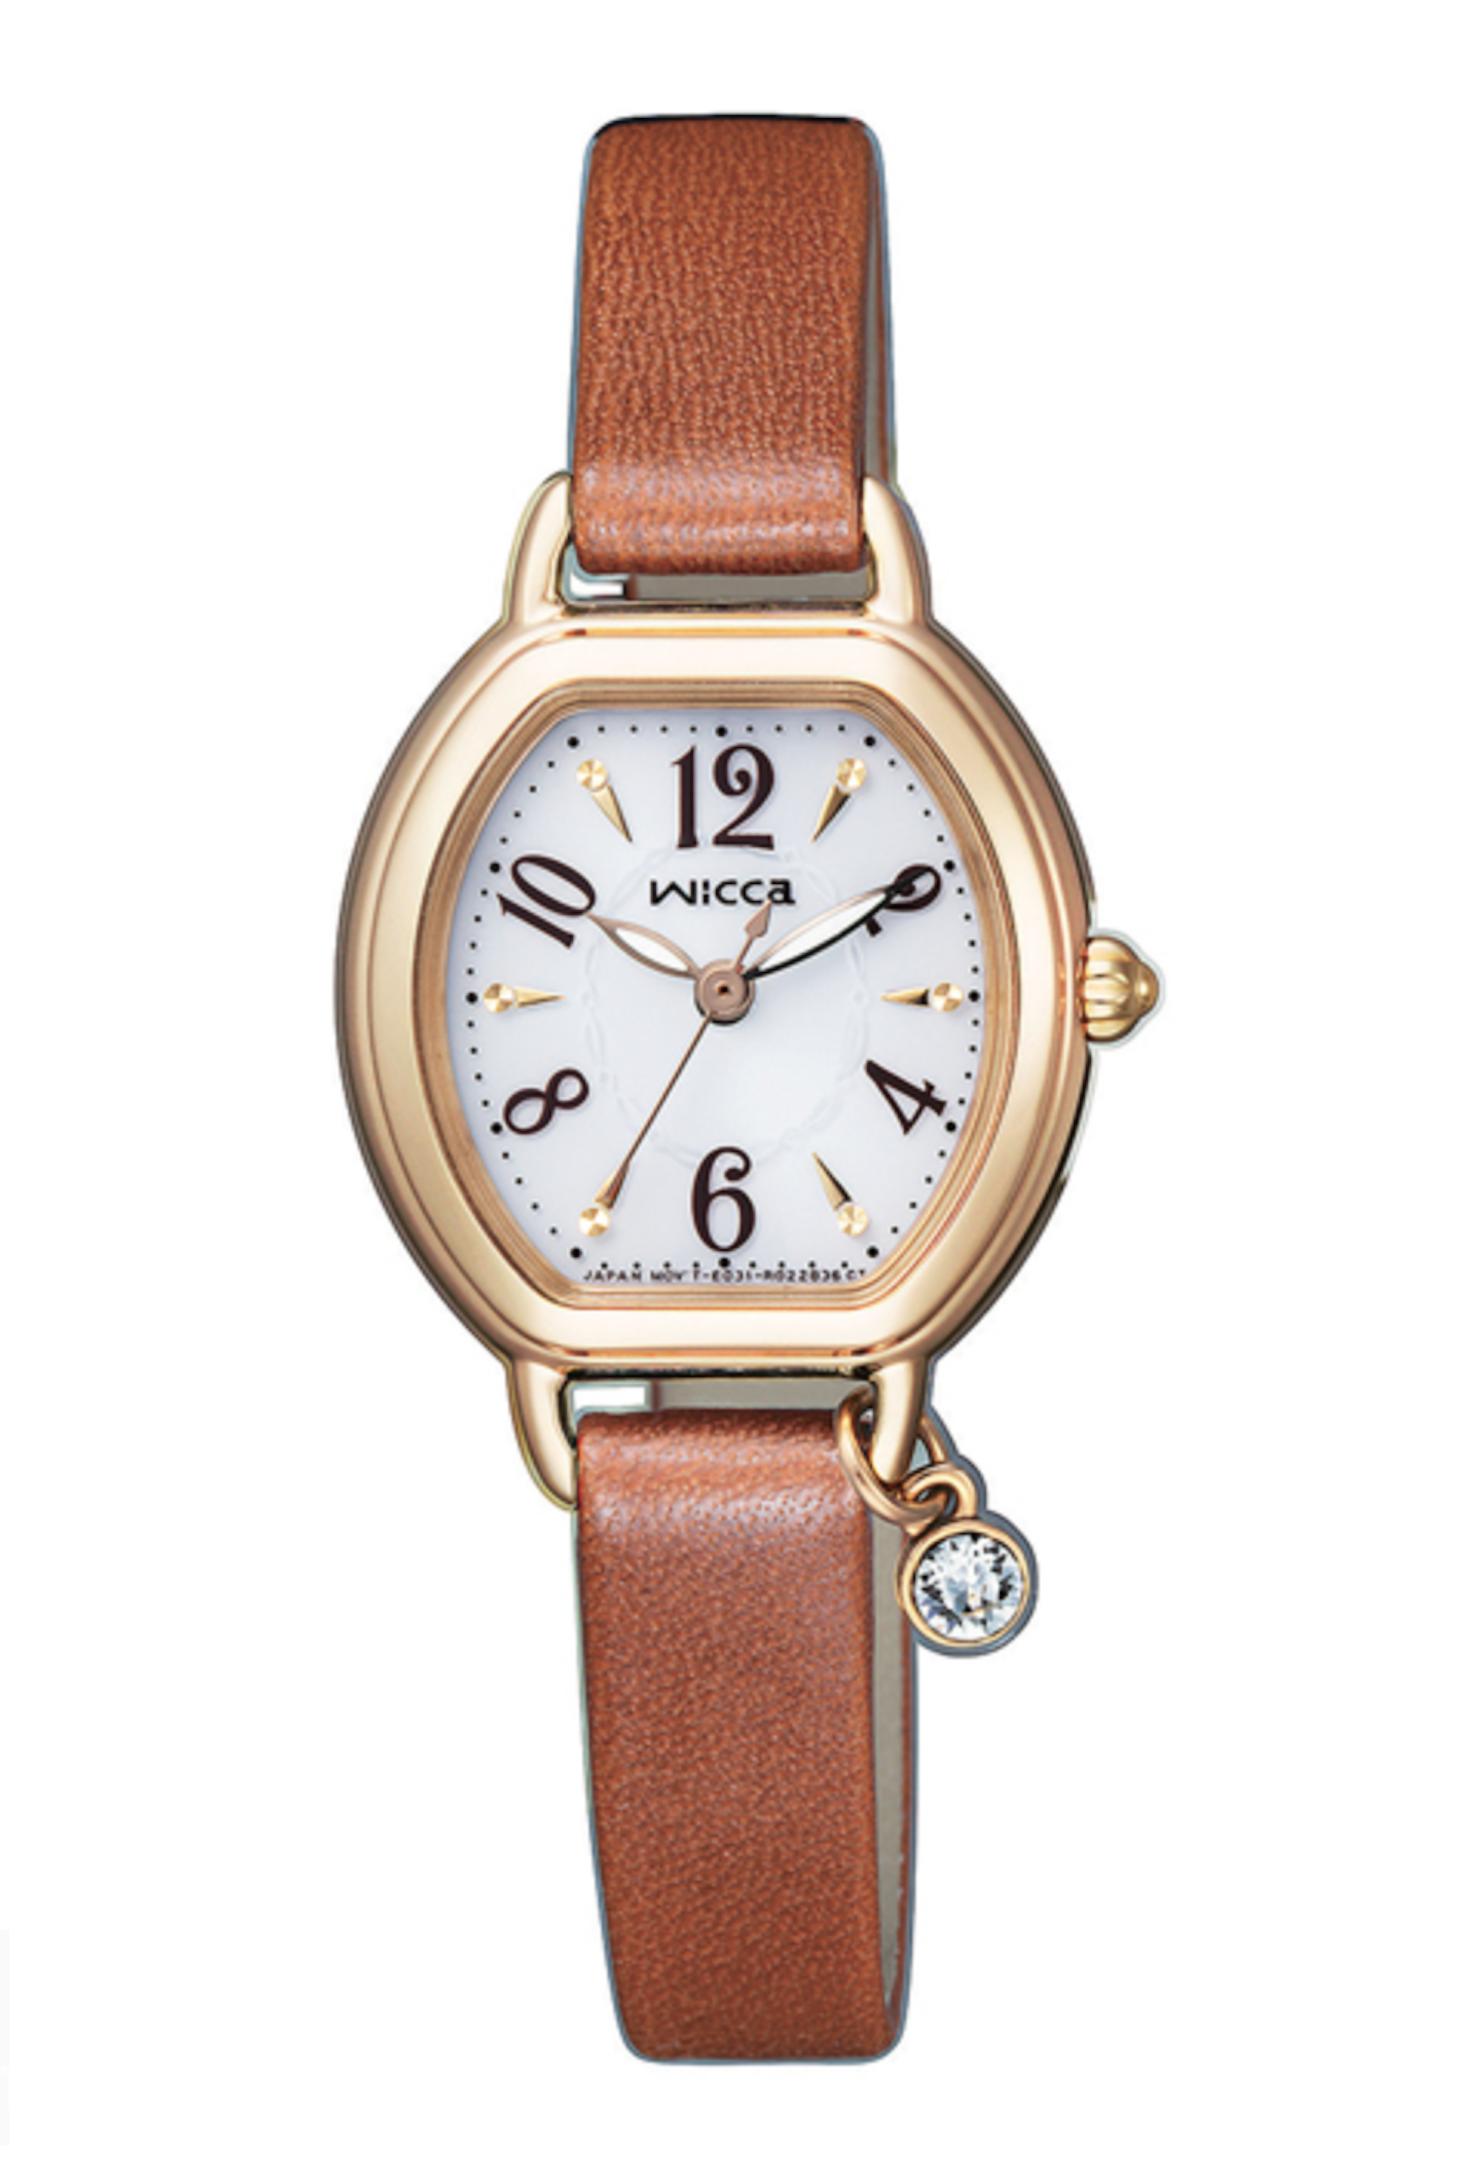 CITIZEN星辰 WICCA系列 太陽能 公主系列酒桶皮革腕錶 KP2-523-10淺棕/23.5 x 24.5mm